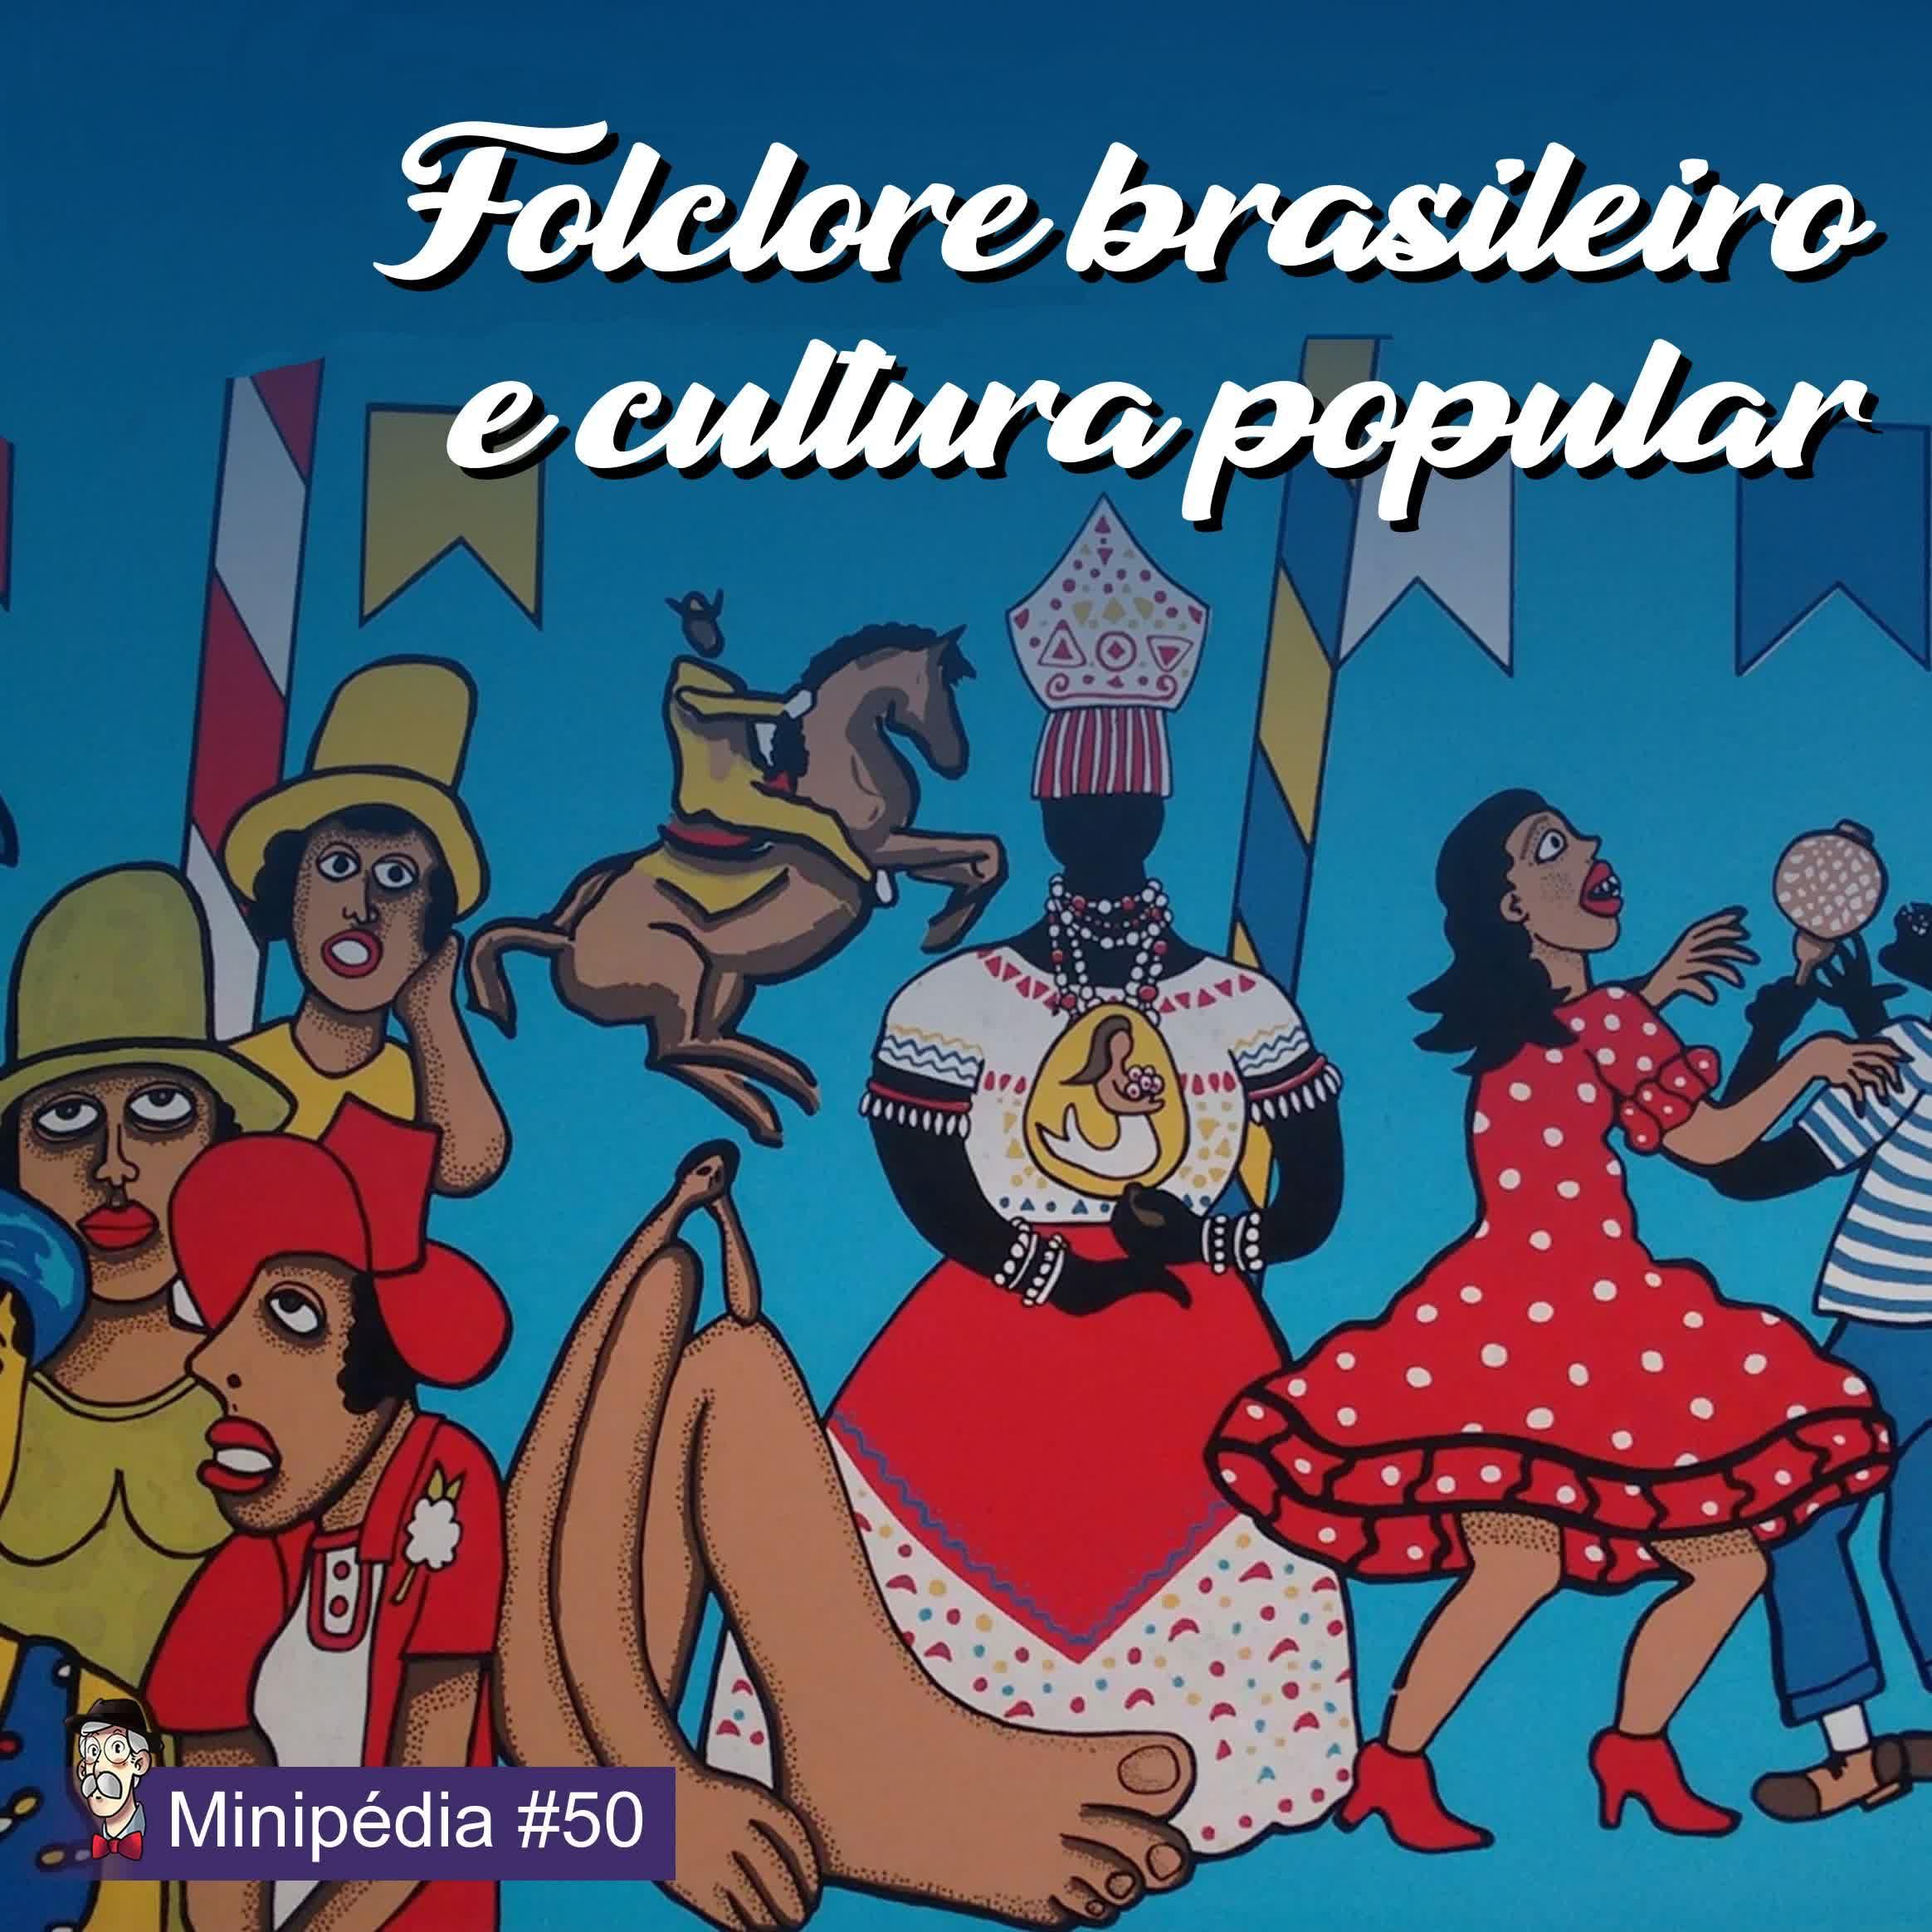 [Minipédia] Folclore brasileiro e cultura popular